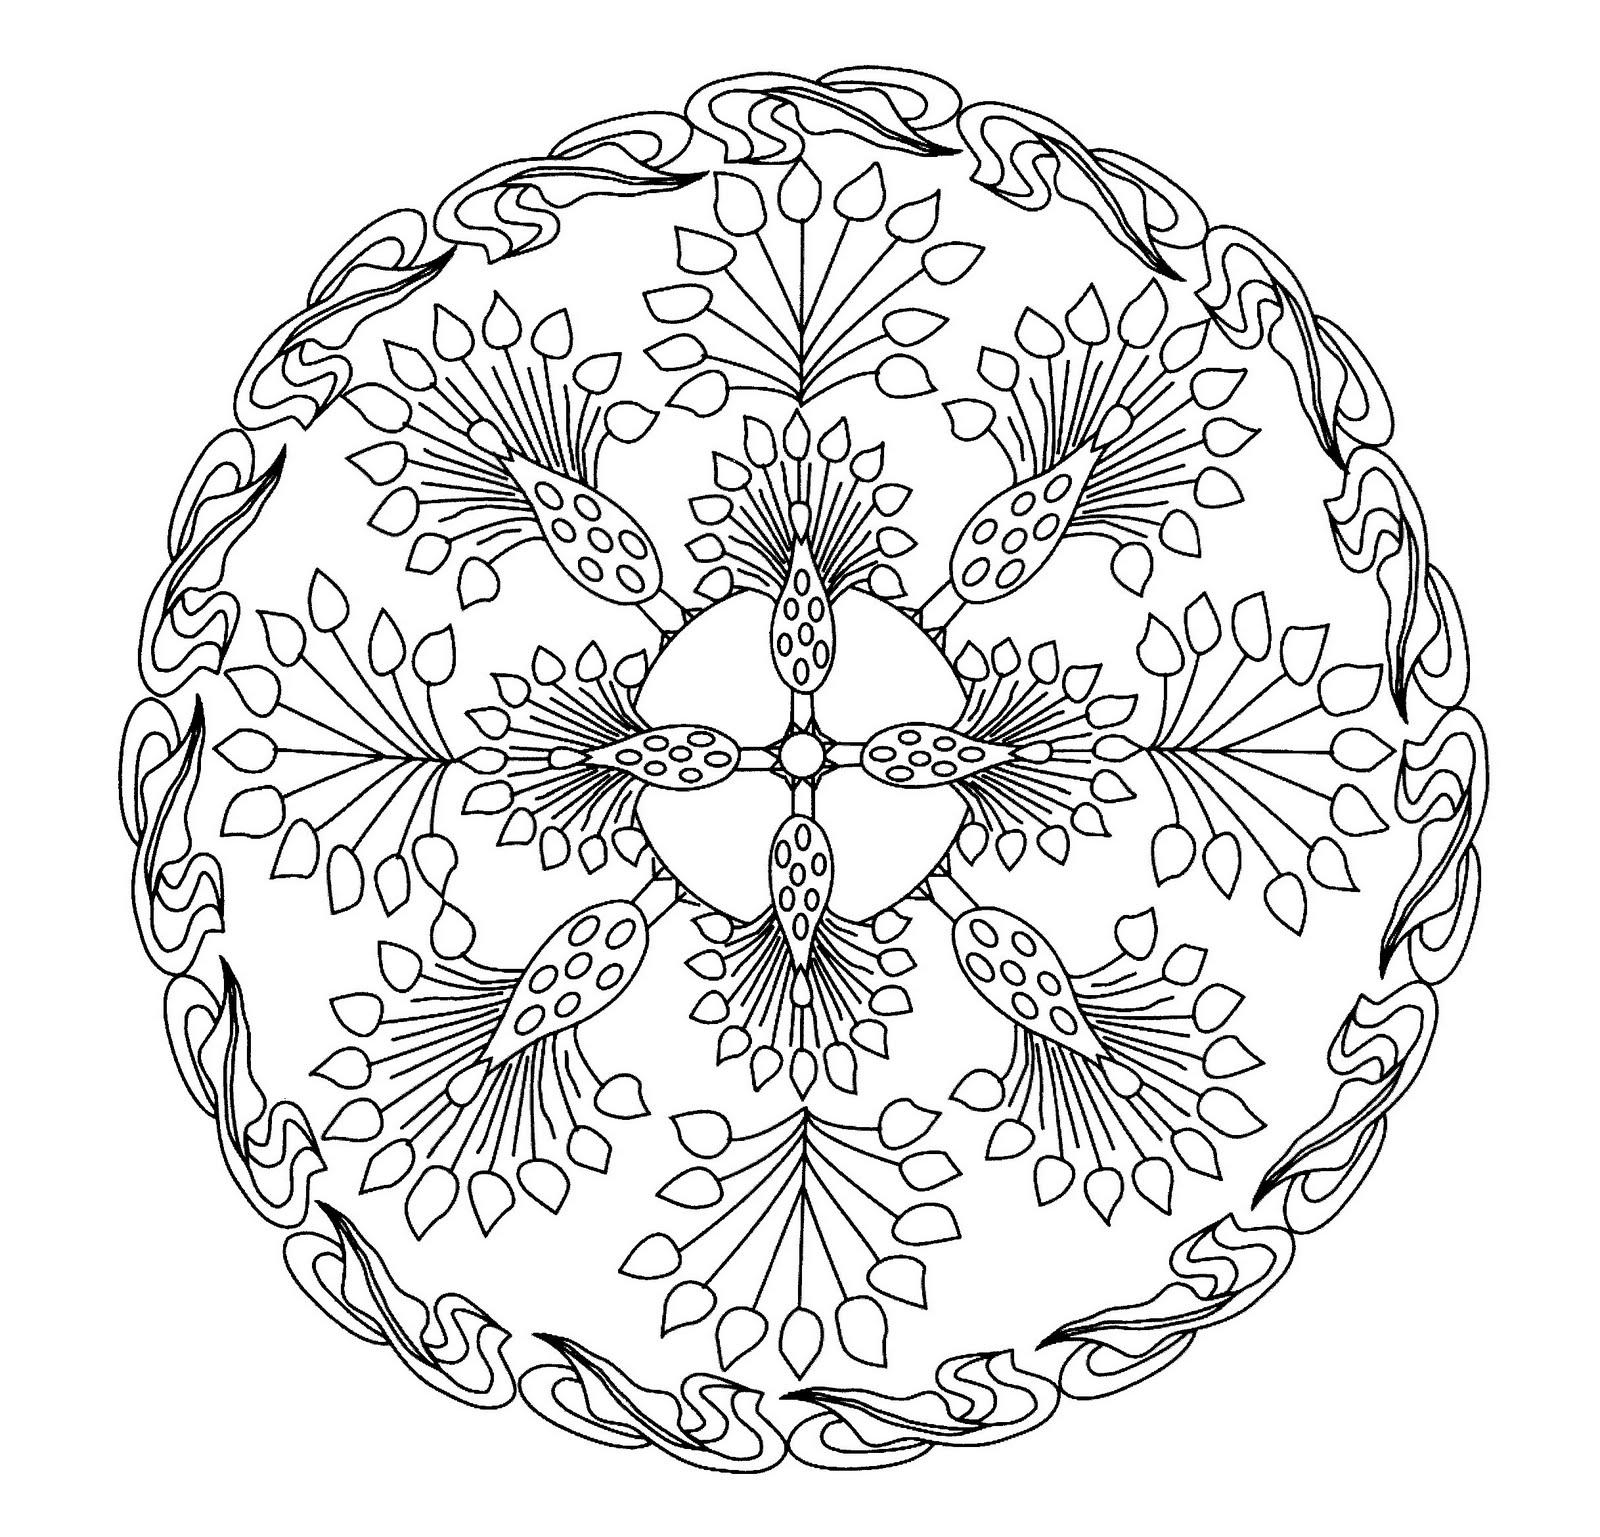 Mandalas Para Pintar: Mandala que asemeja un pavo real